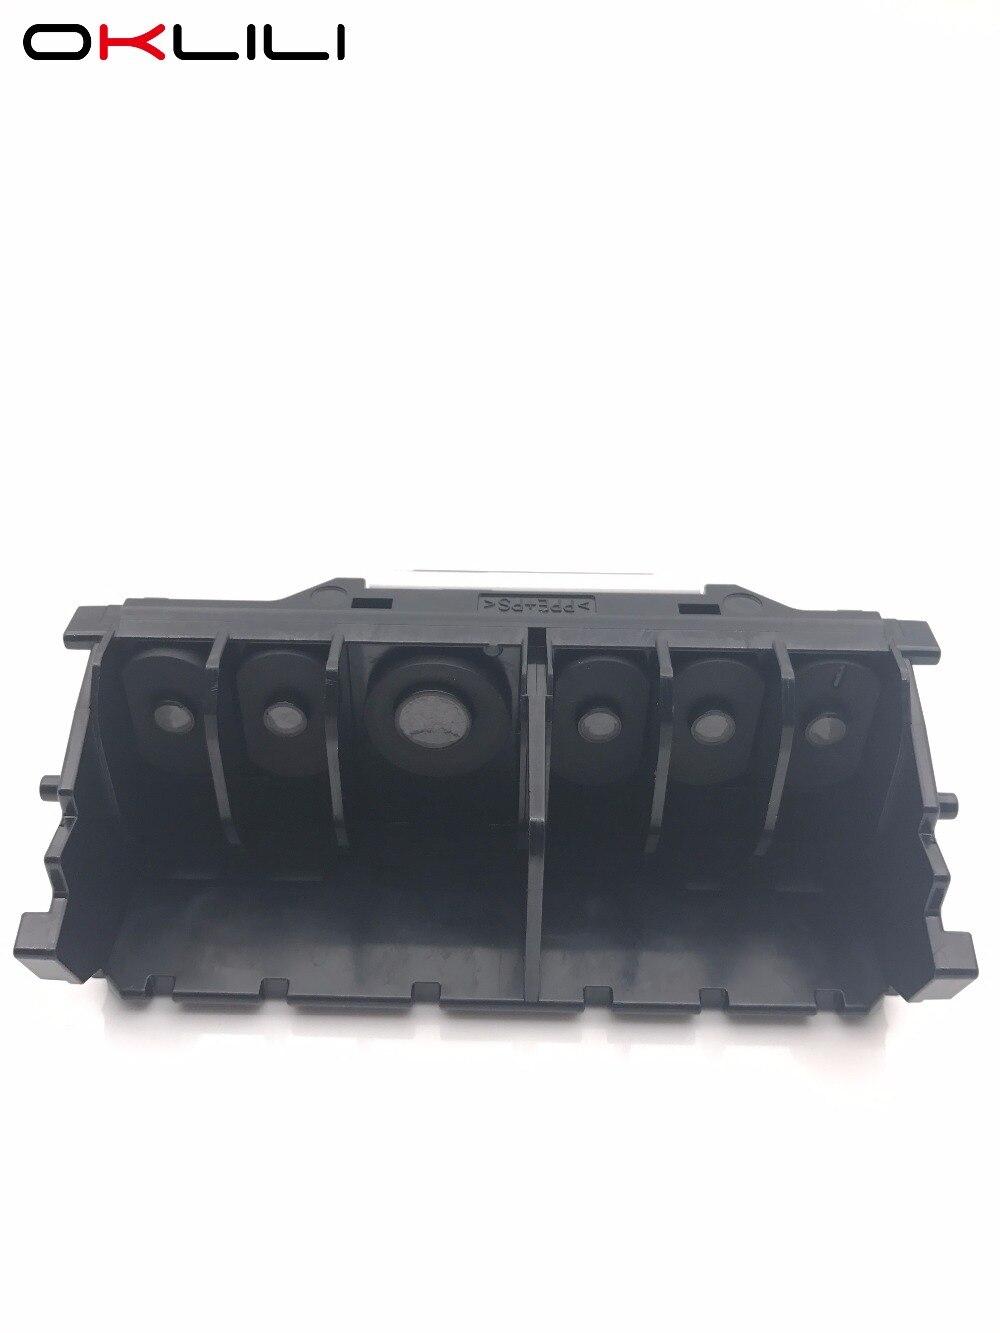 QY6-0083 Printhead Print Head for Canon MG6310 MG6320 MG6350 MG6380 MG7120 MG7150 MG7180 iP8720 iP8750 iP8780 7110 MG7520 MG7550